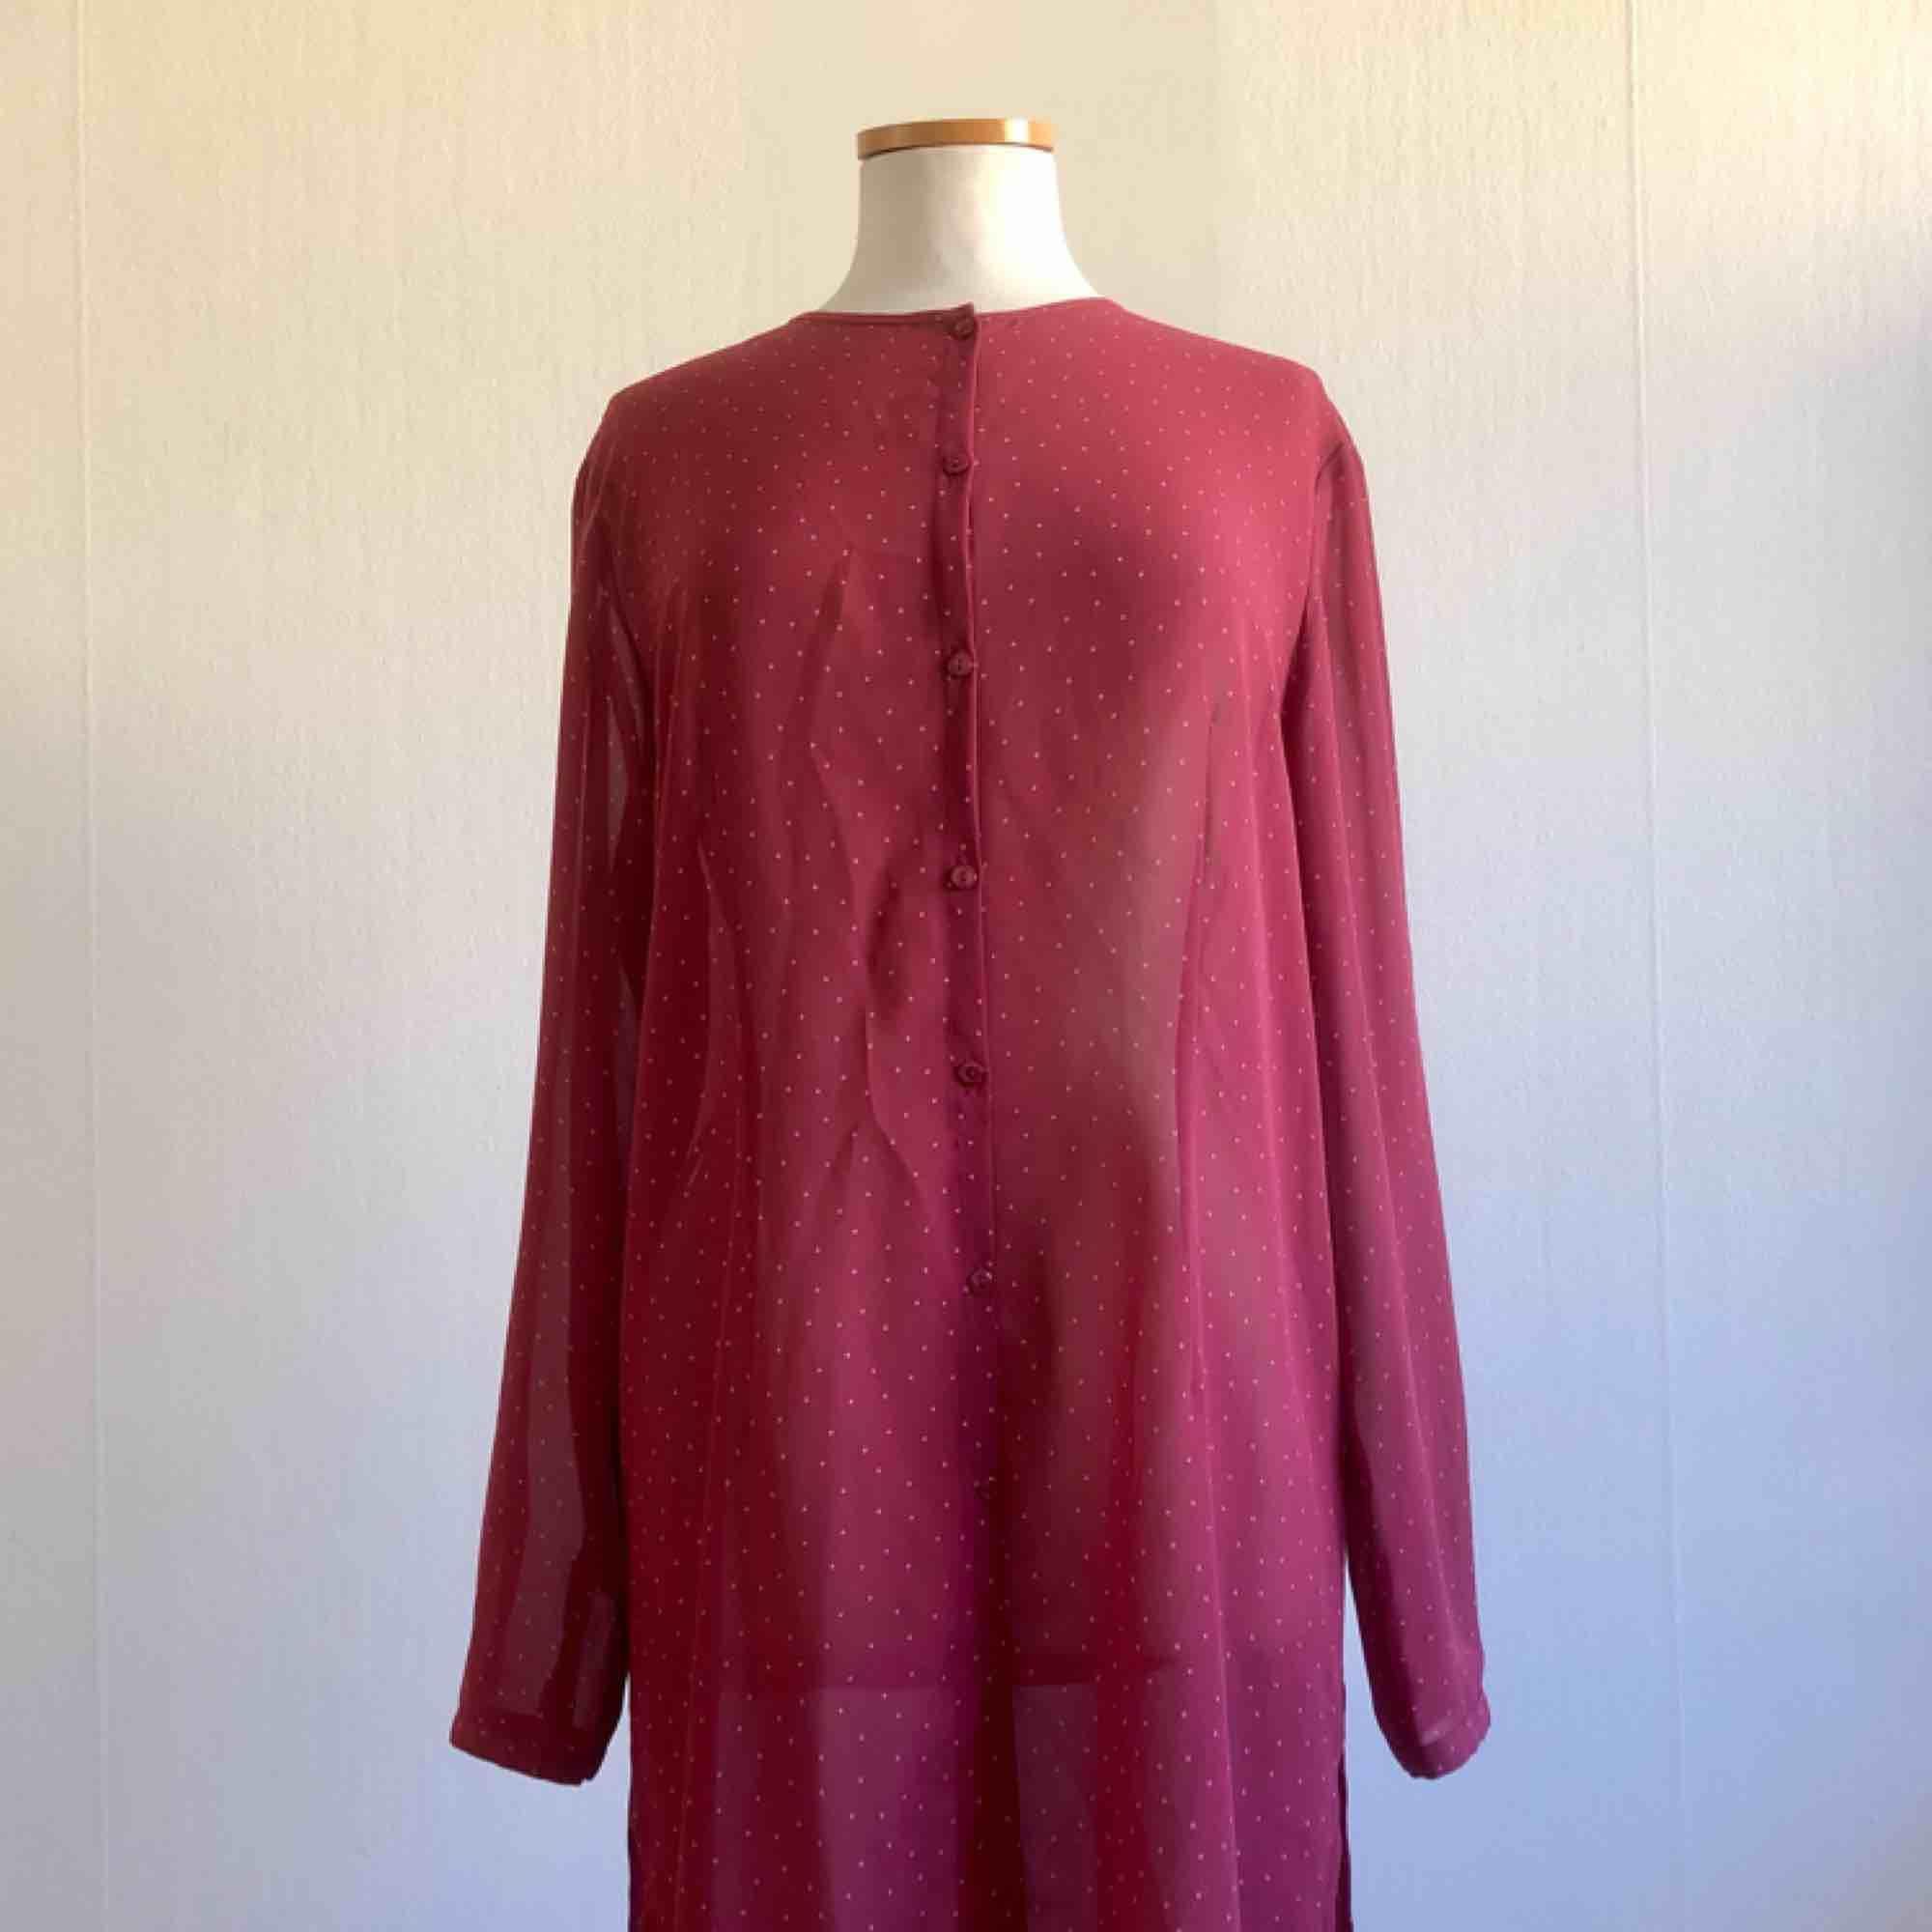 e70fbe546f68 Rosa skjortklänning med ljusrosa prickar. Längd: 95 cm. Frakt ingår i priset !